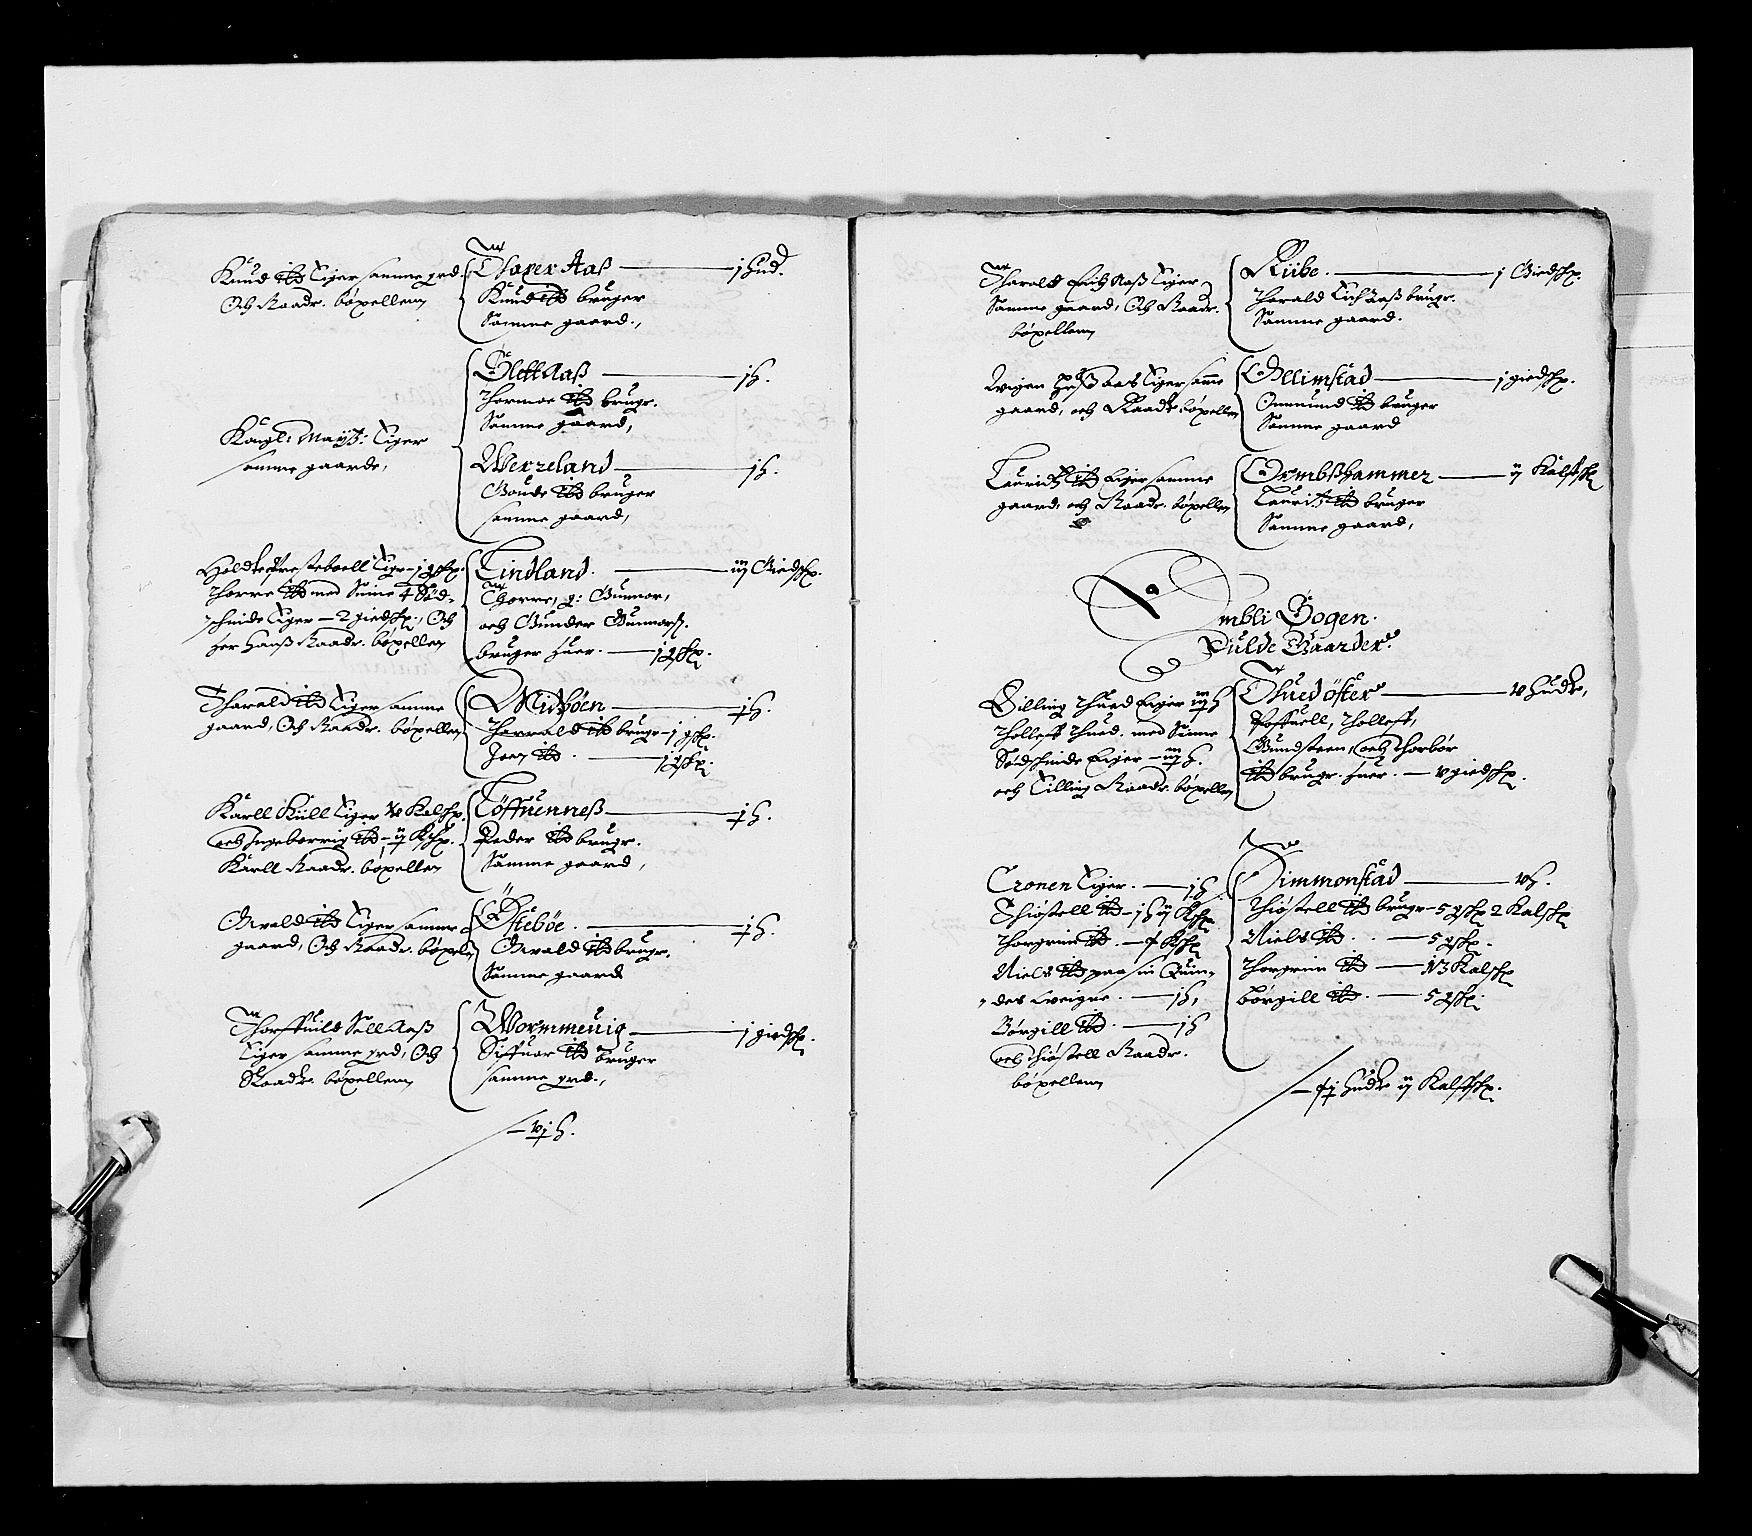 RA, Stattholderembetet 1572-1771, Ek/L0023: Jordebøker 1633-1658:, 1648-1649, s. 5